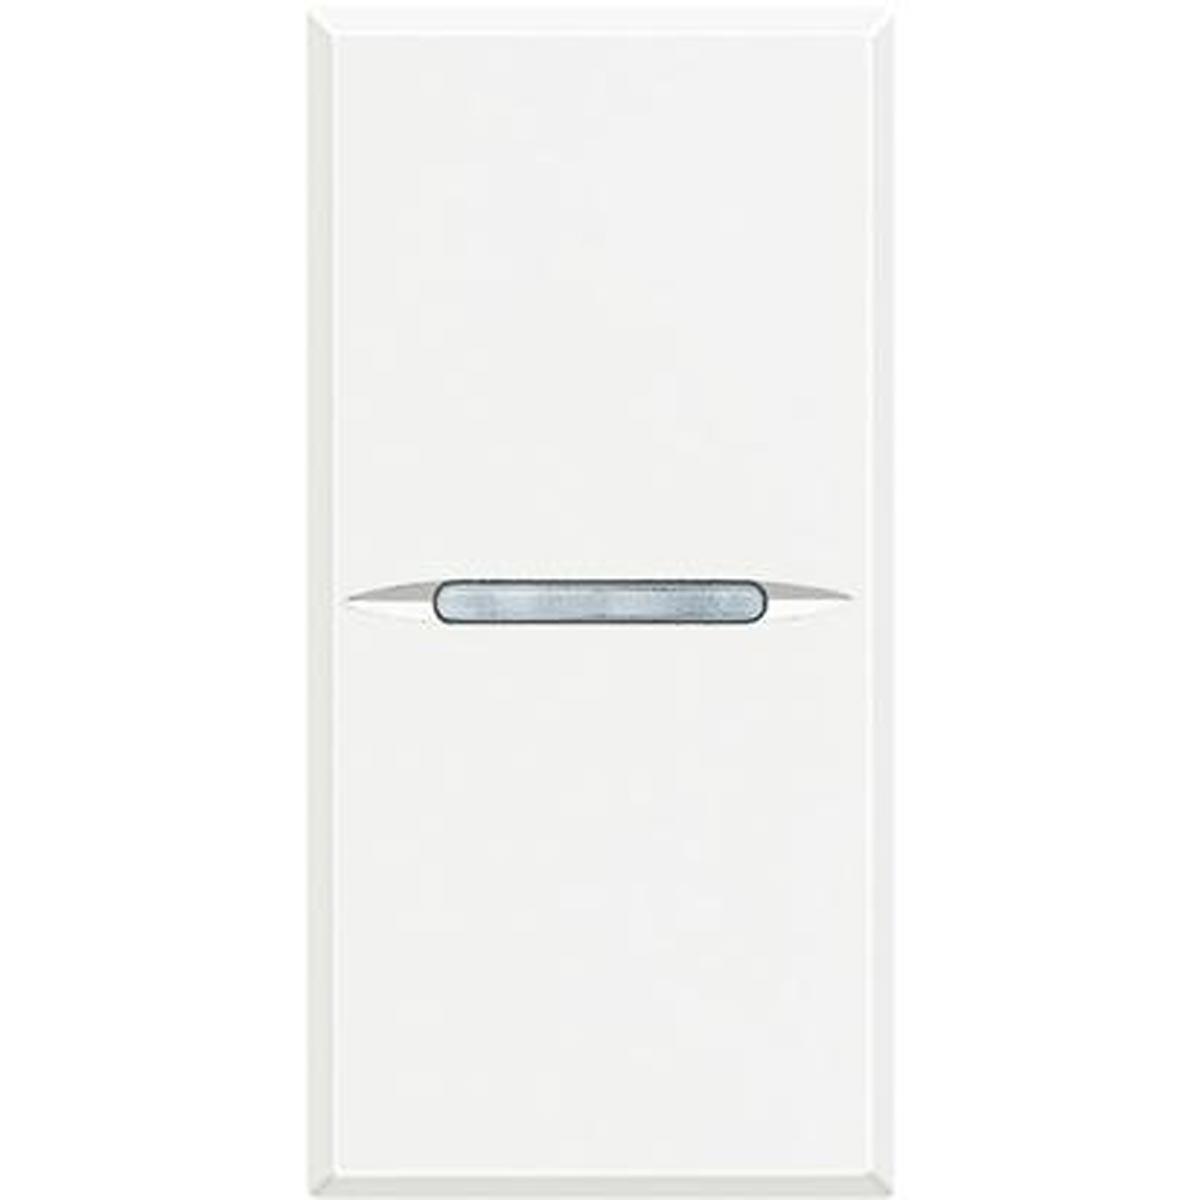 Pulsante Bticino Axolute Bianco HD4005